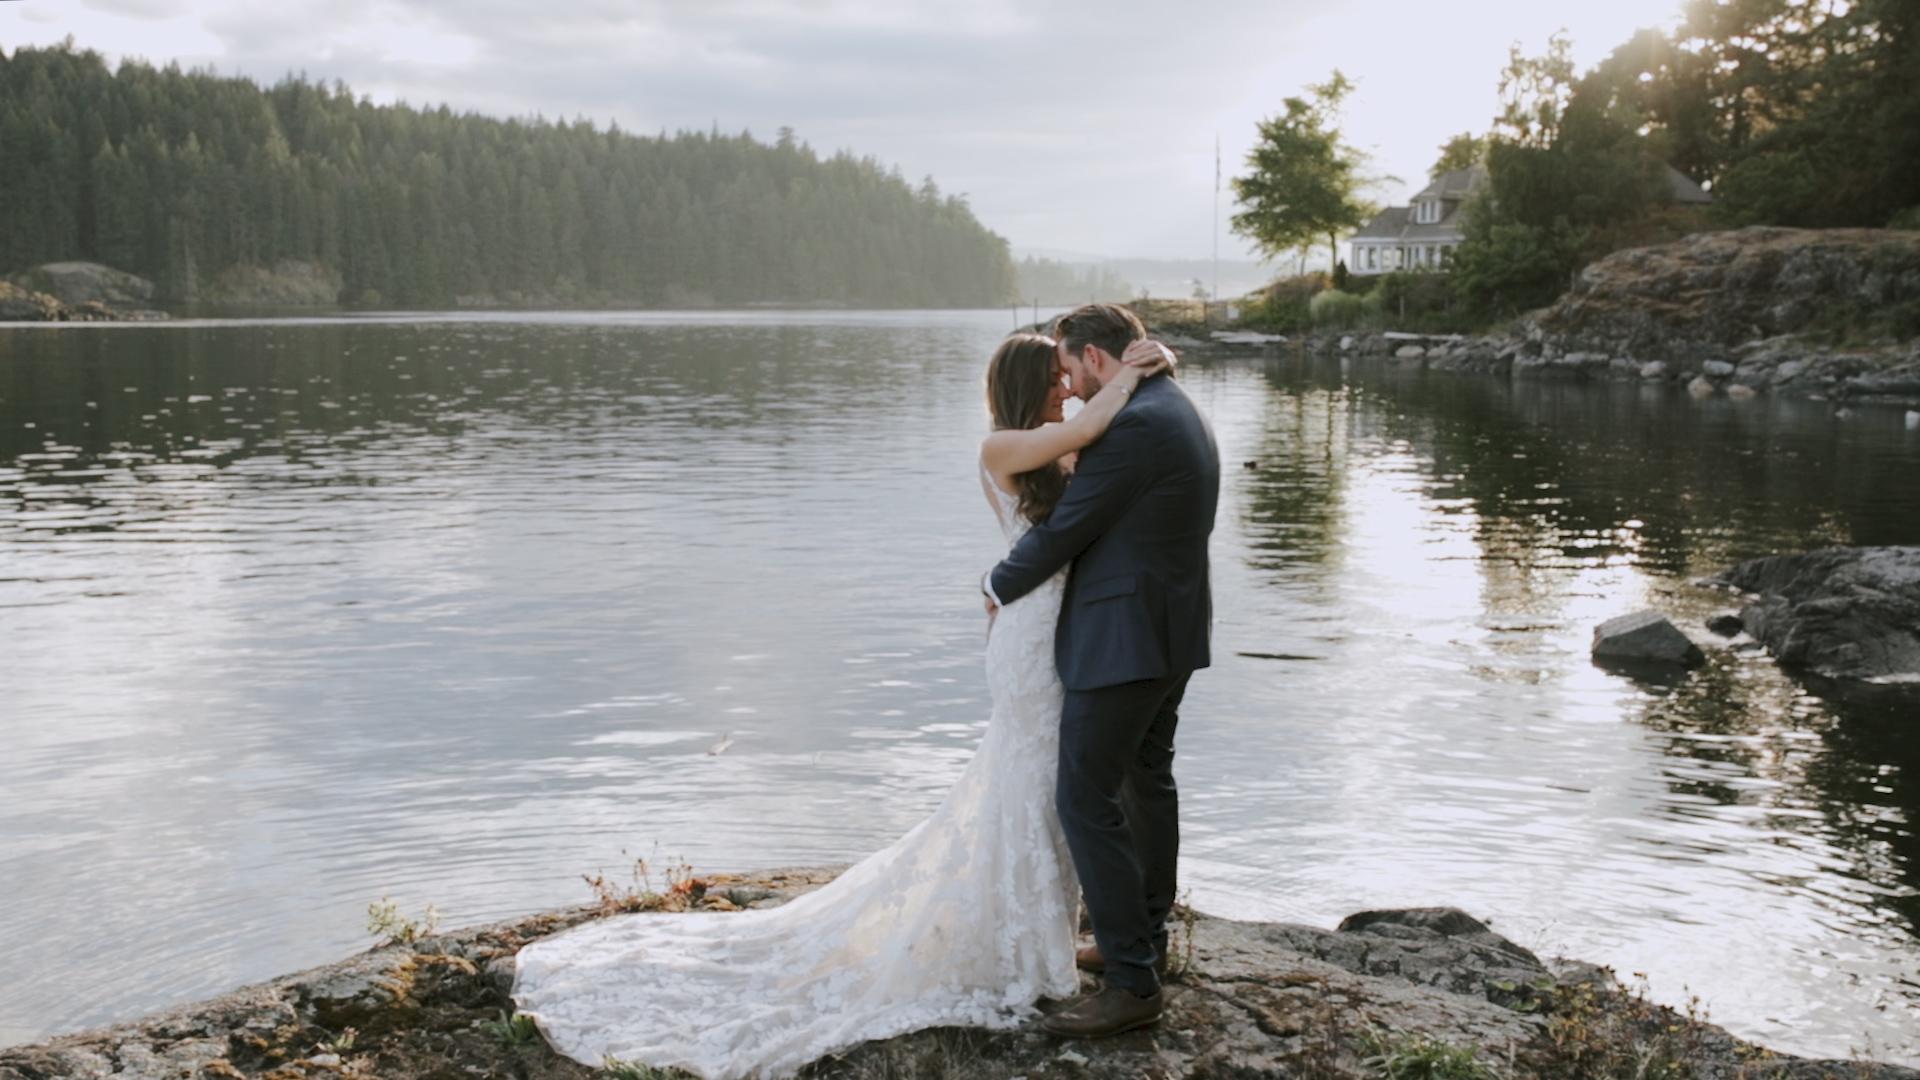 Karen + Jesse | Victoria, Canada | Gowlland Harbour Resort